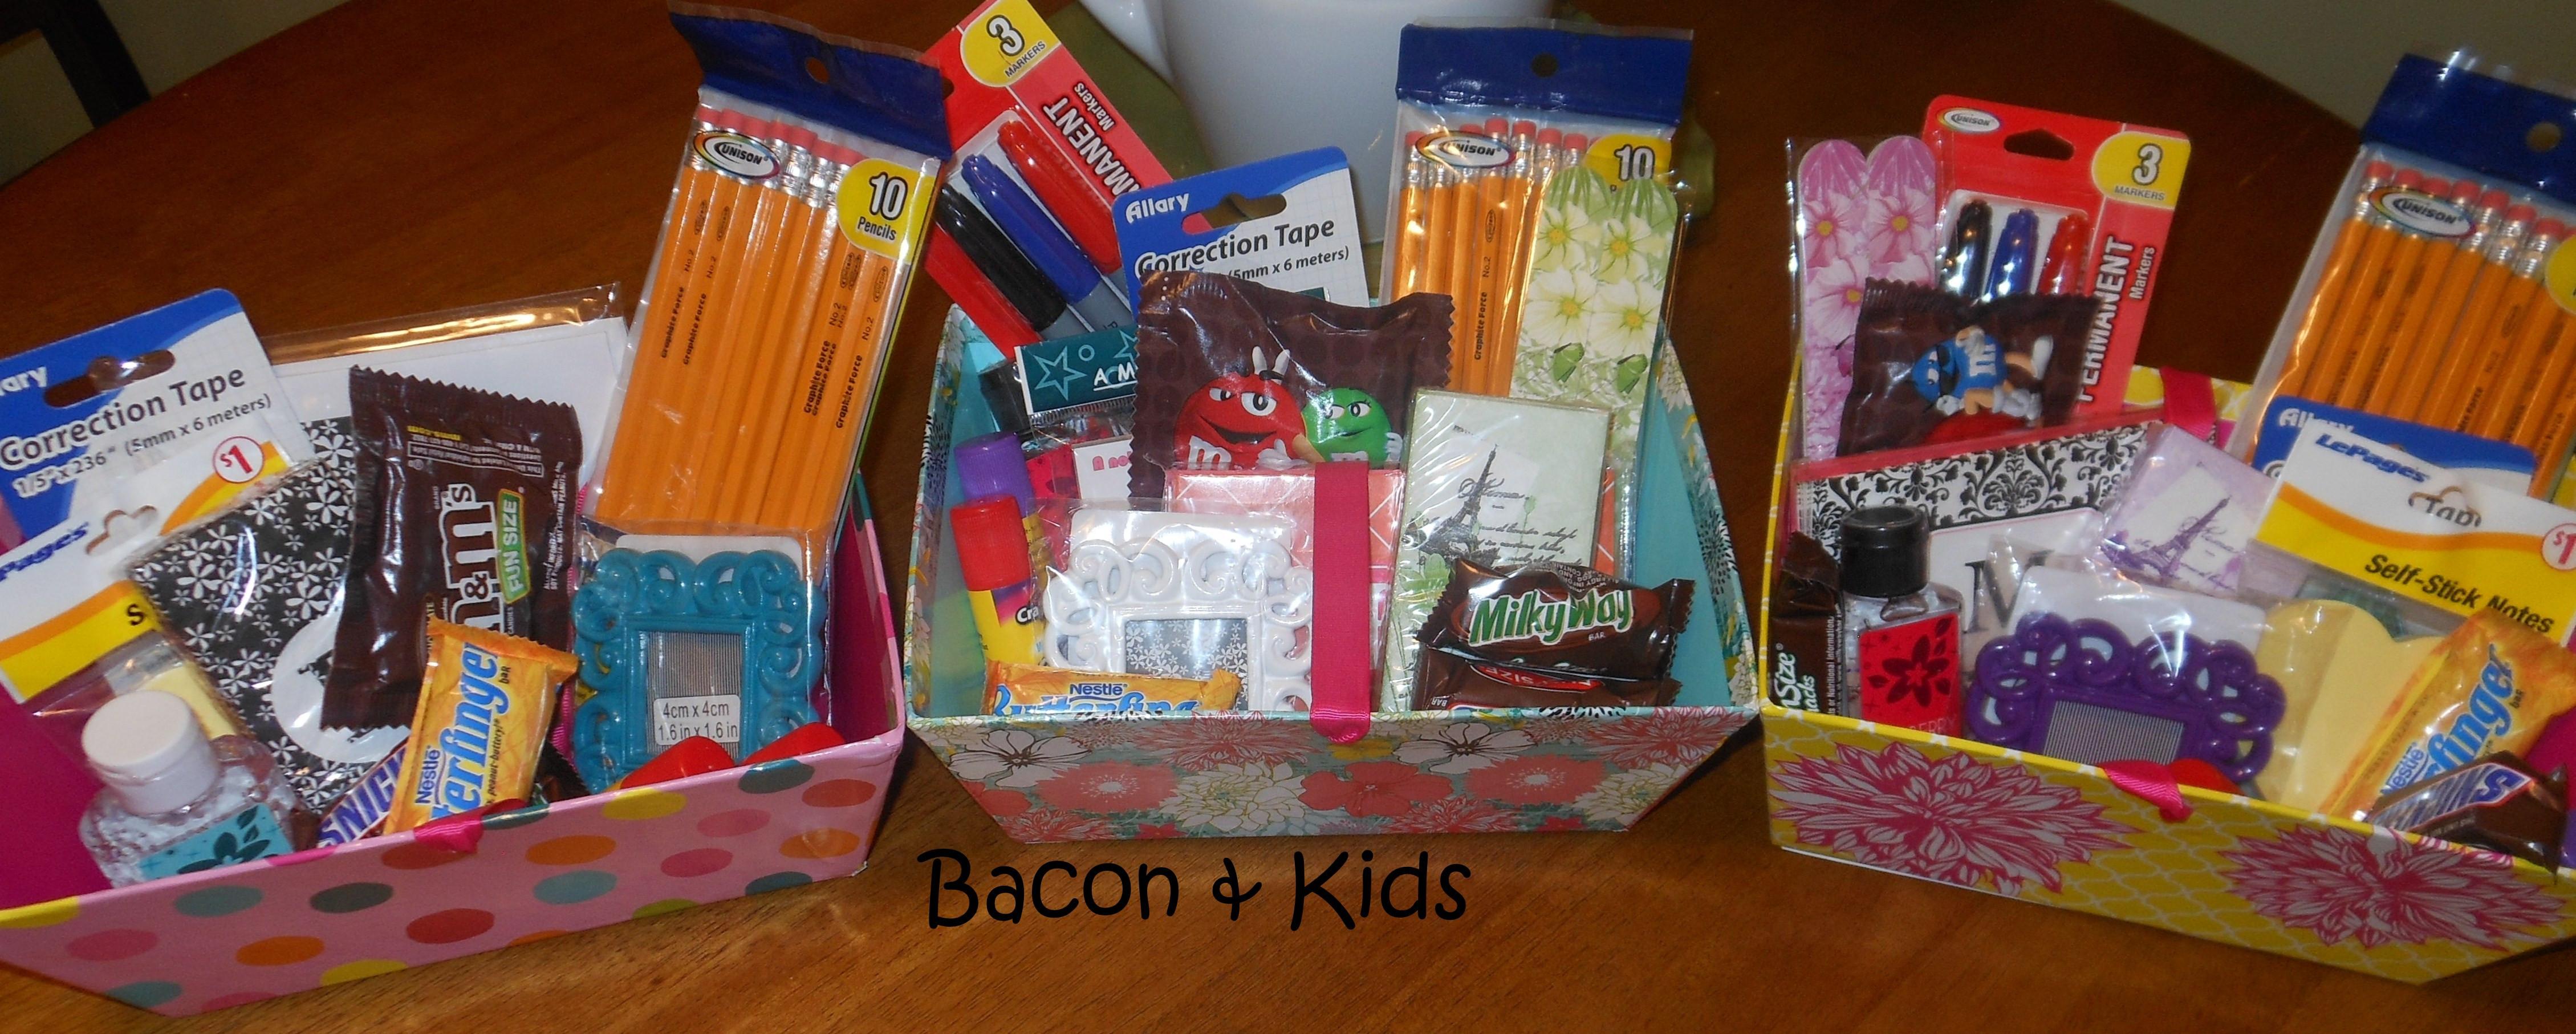 Best ideas about Teacher Appreciation Gift Basket Ideas . Save or Pin Teacher Appreciation Gifts Now.